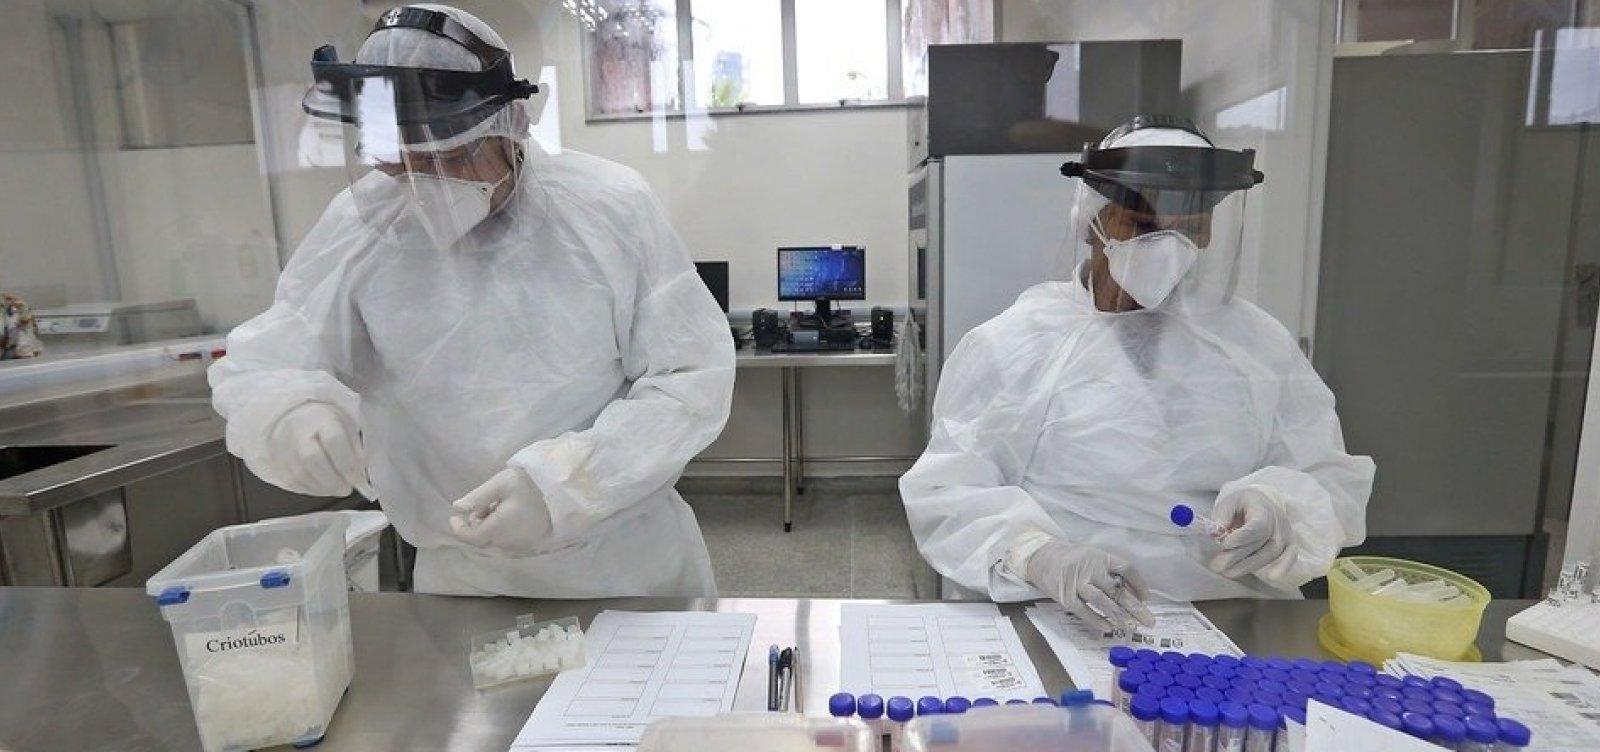 [Bahia é o terceiro estado com mais aplicação de testes para Covid-19 no Brasil]